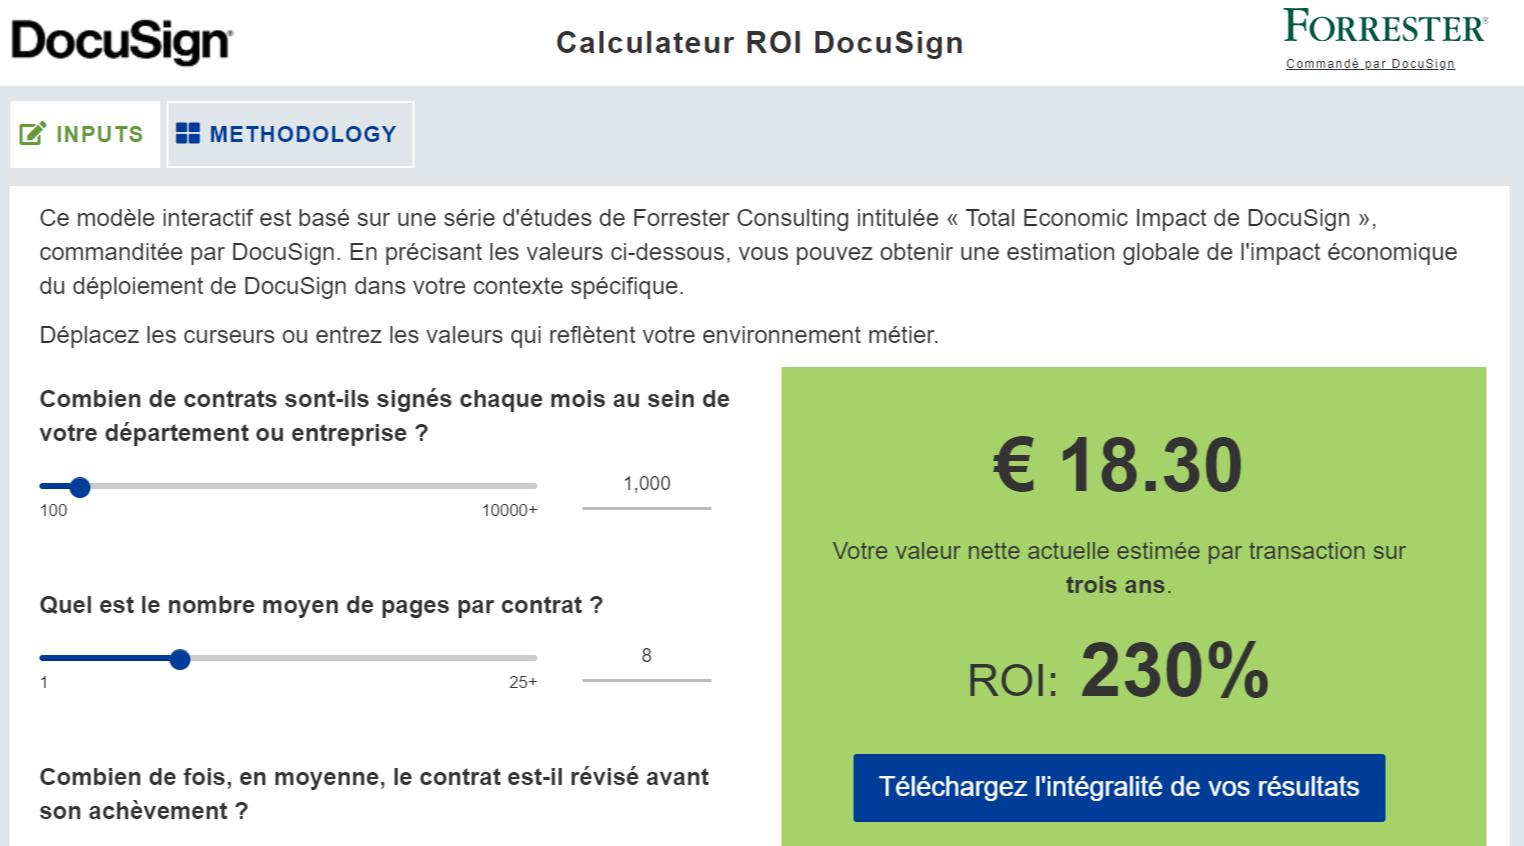 Capture d'écran de l'outil de calcul du retour sur investissement